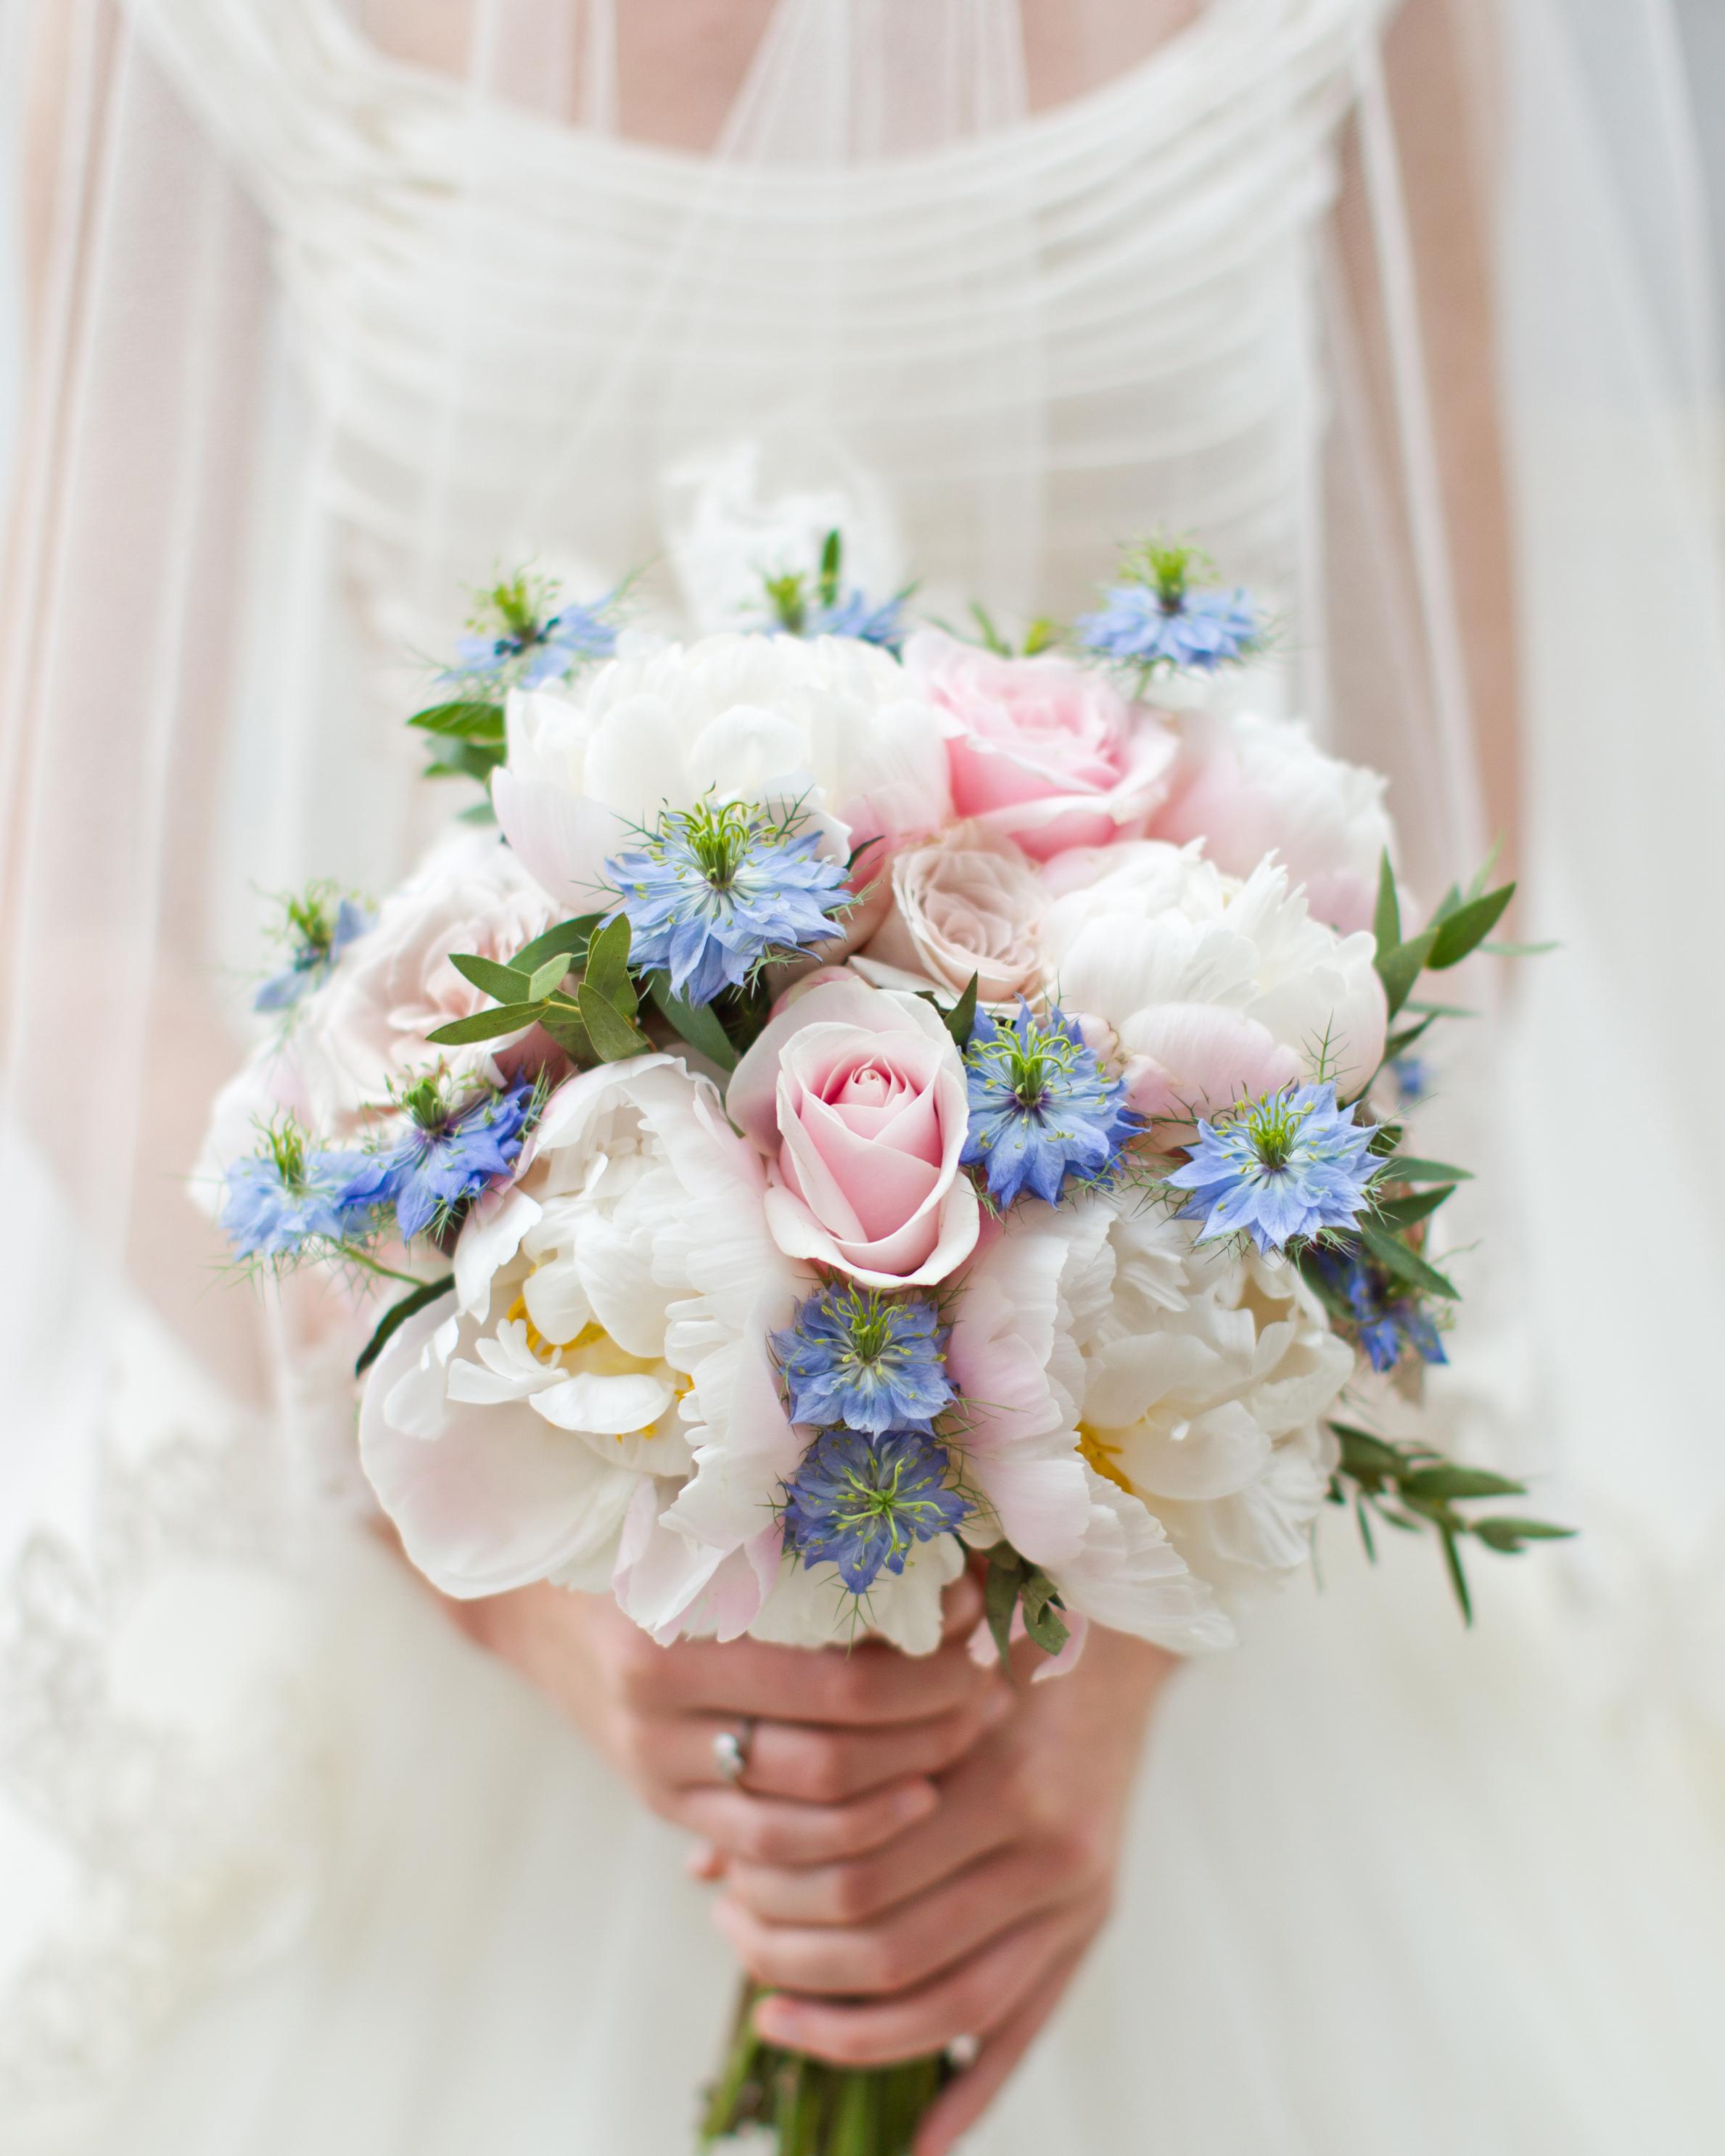 hayley-andrew-wedding-bouquet-0714.jpg